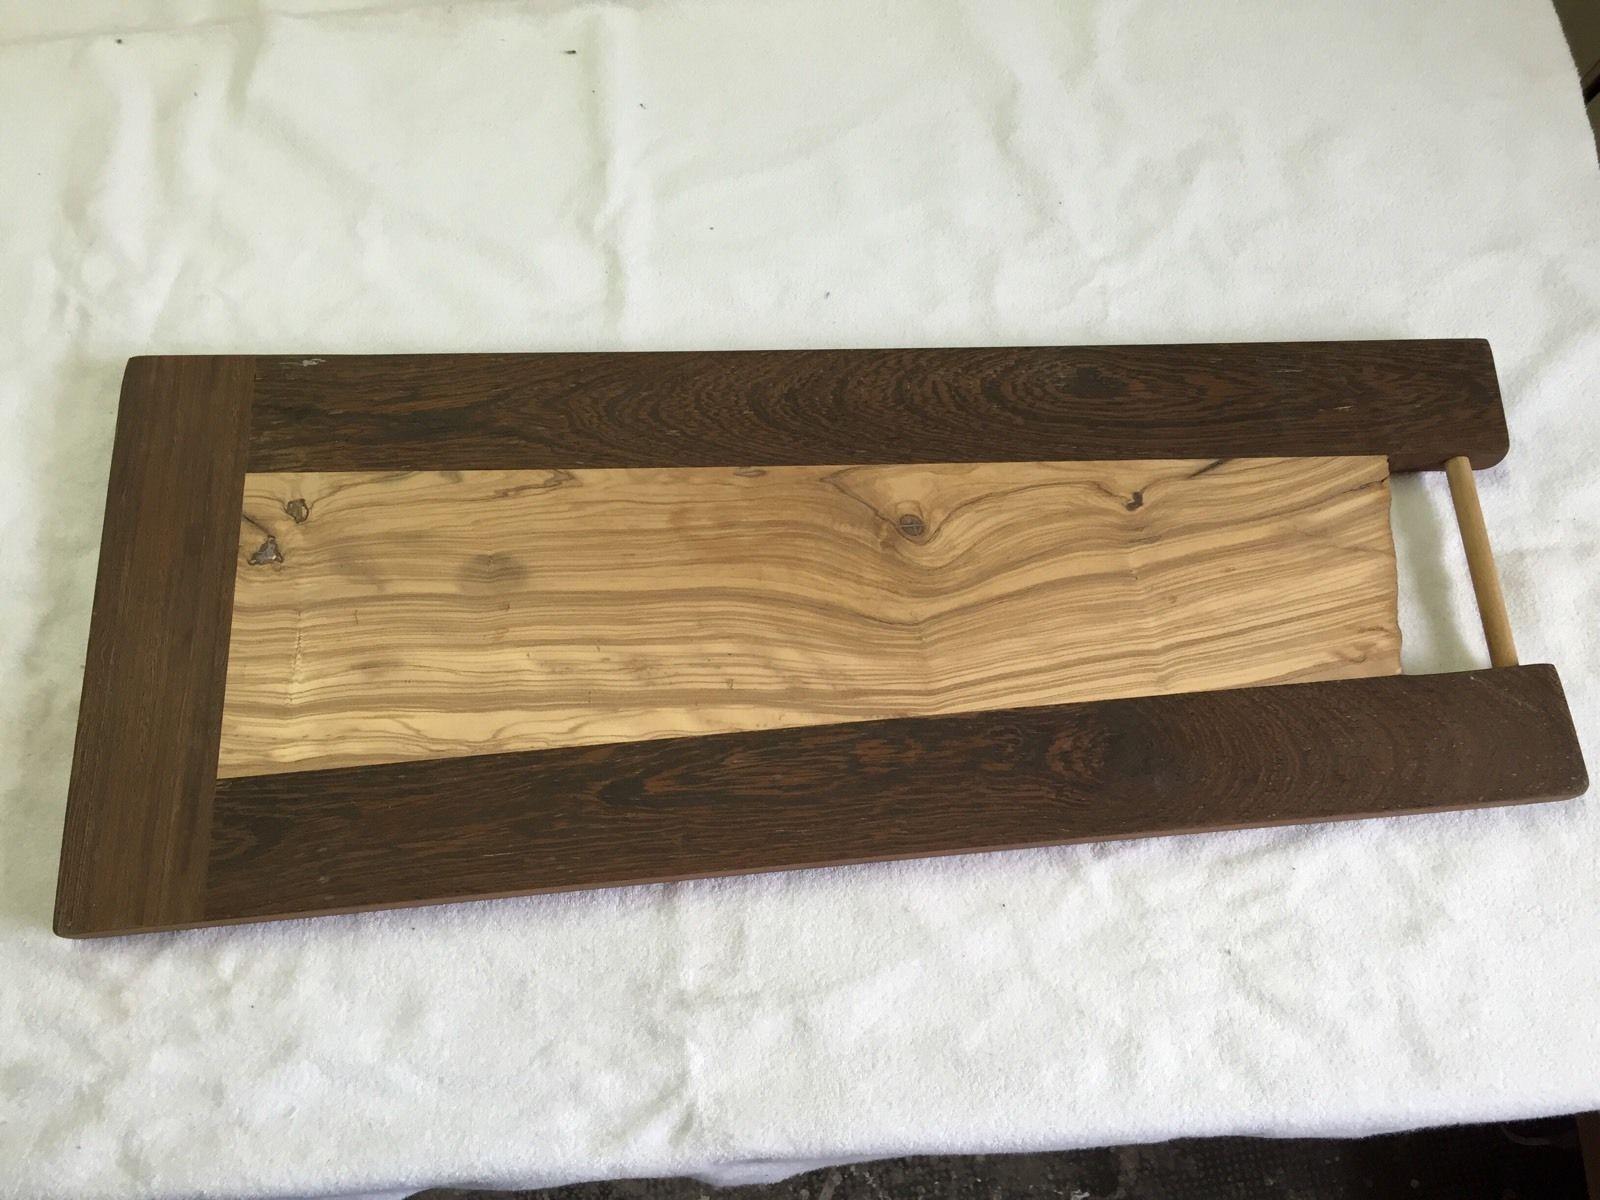 Tagliere Per Piano Cucina tagliere in legno di wengè e ulivo | casa, arredamento e